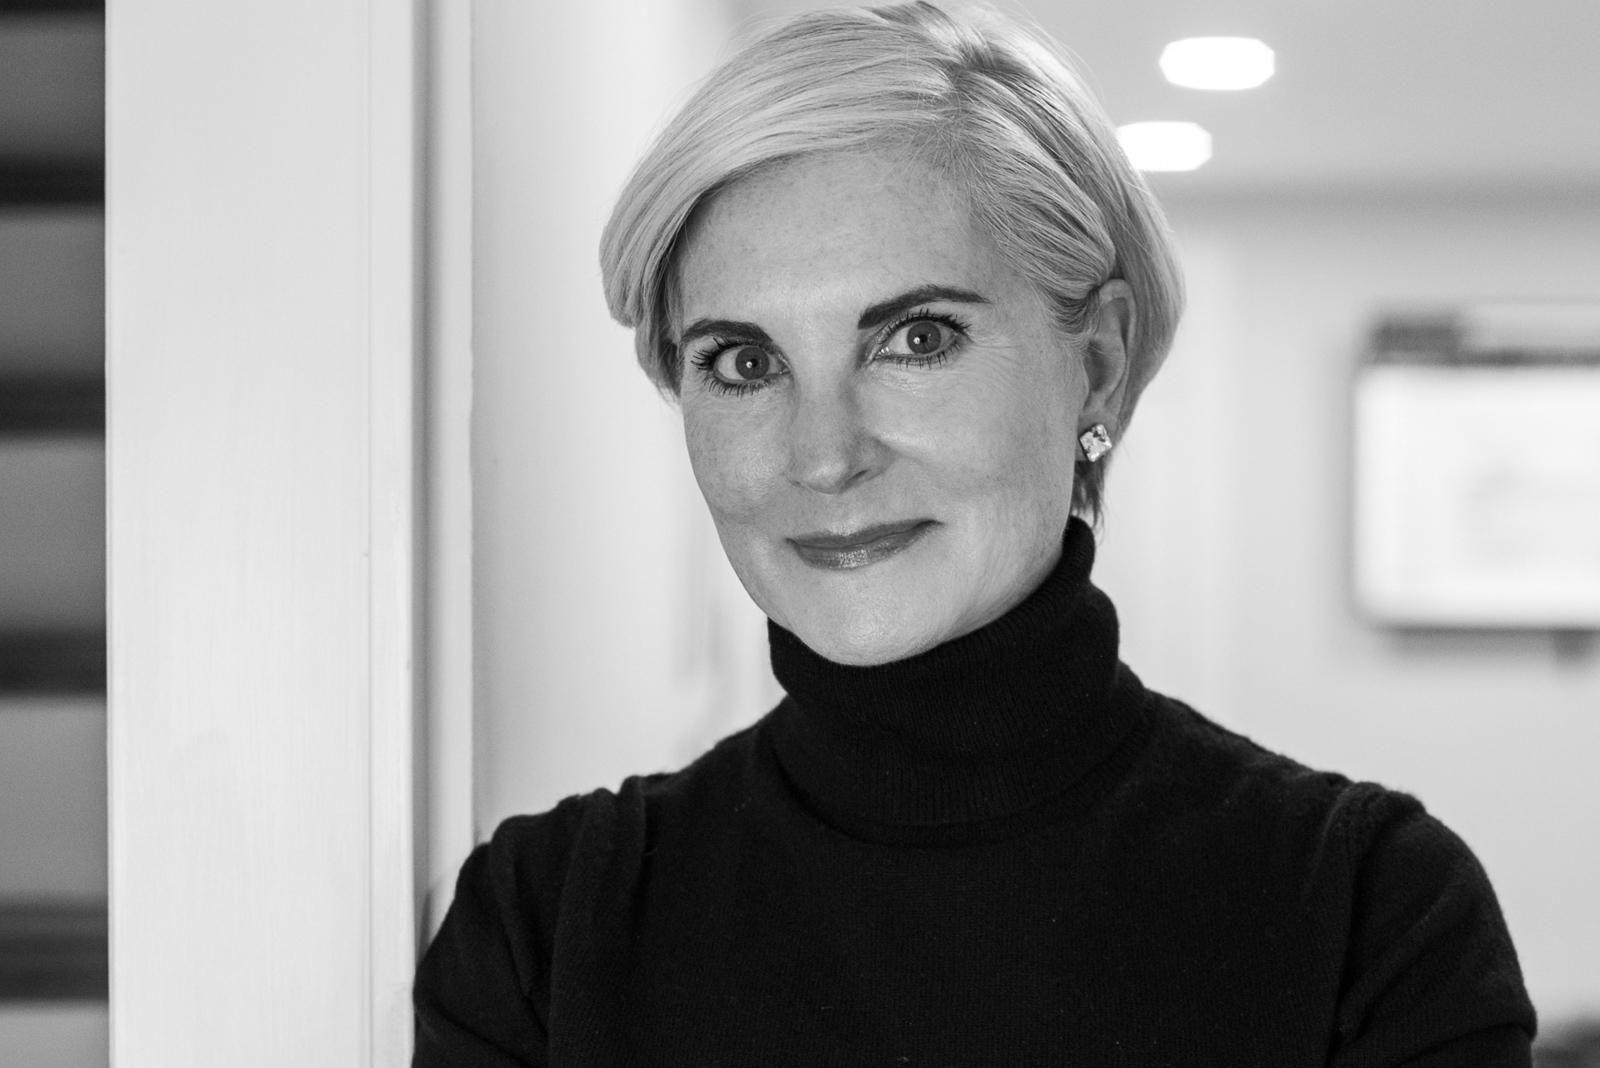 NJMOMpreneur, Christina Langdon